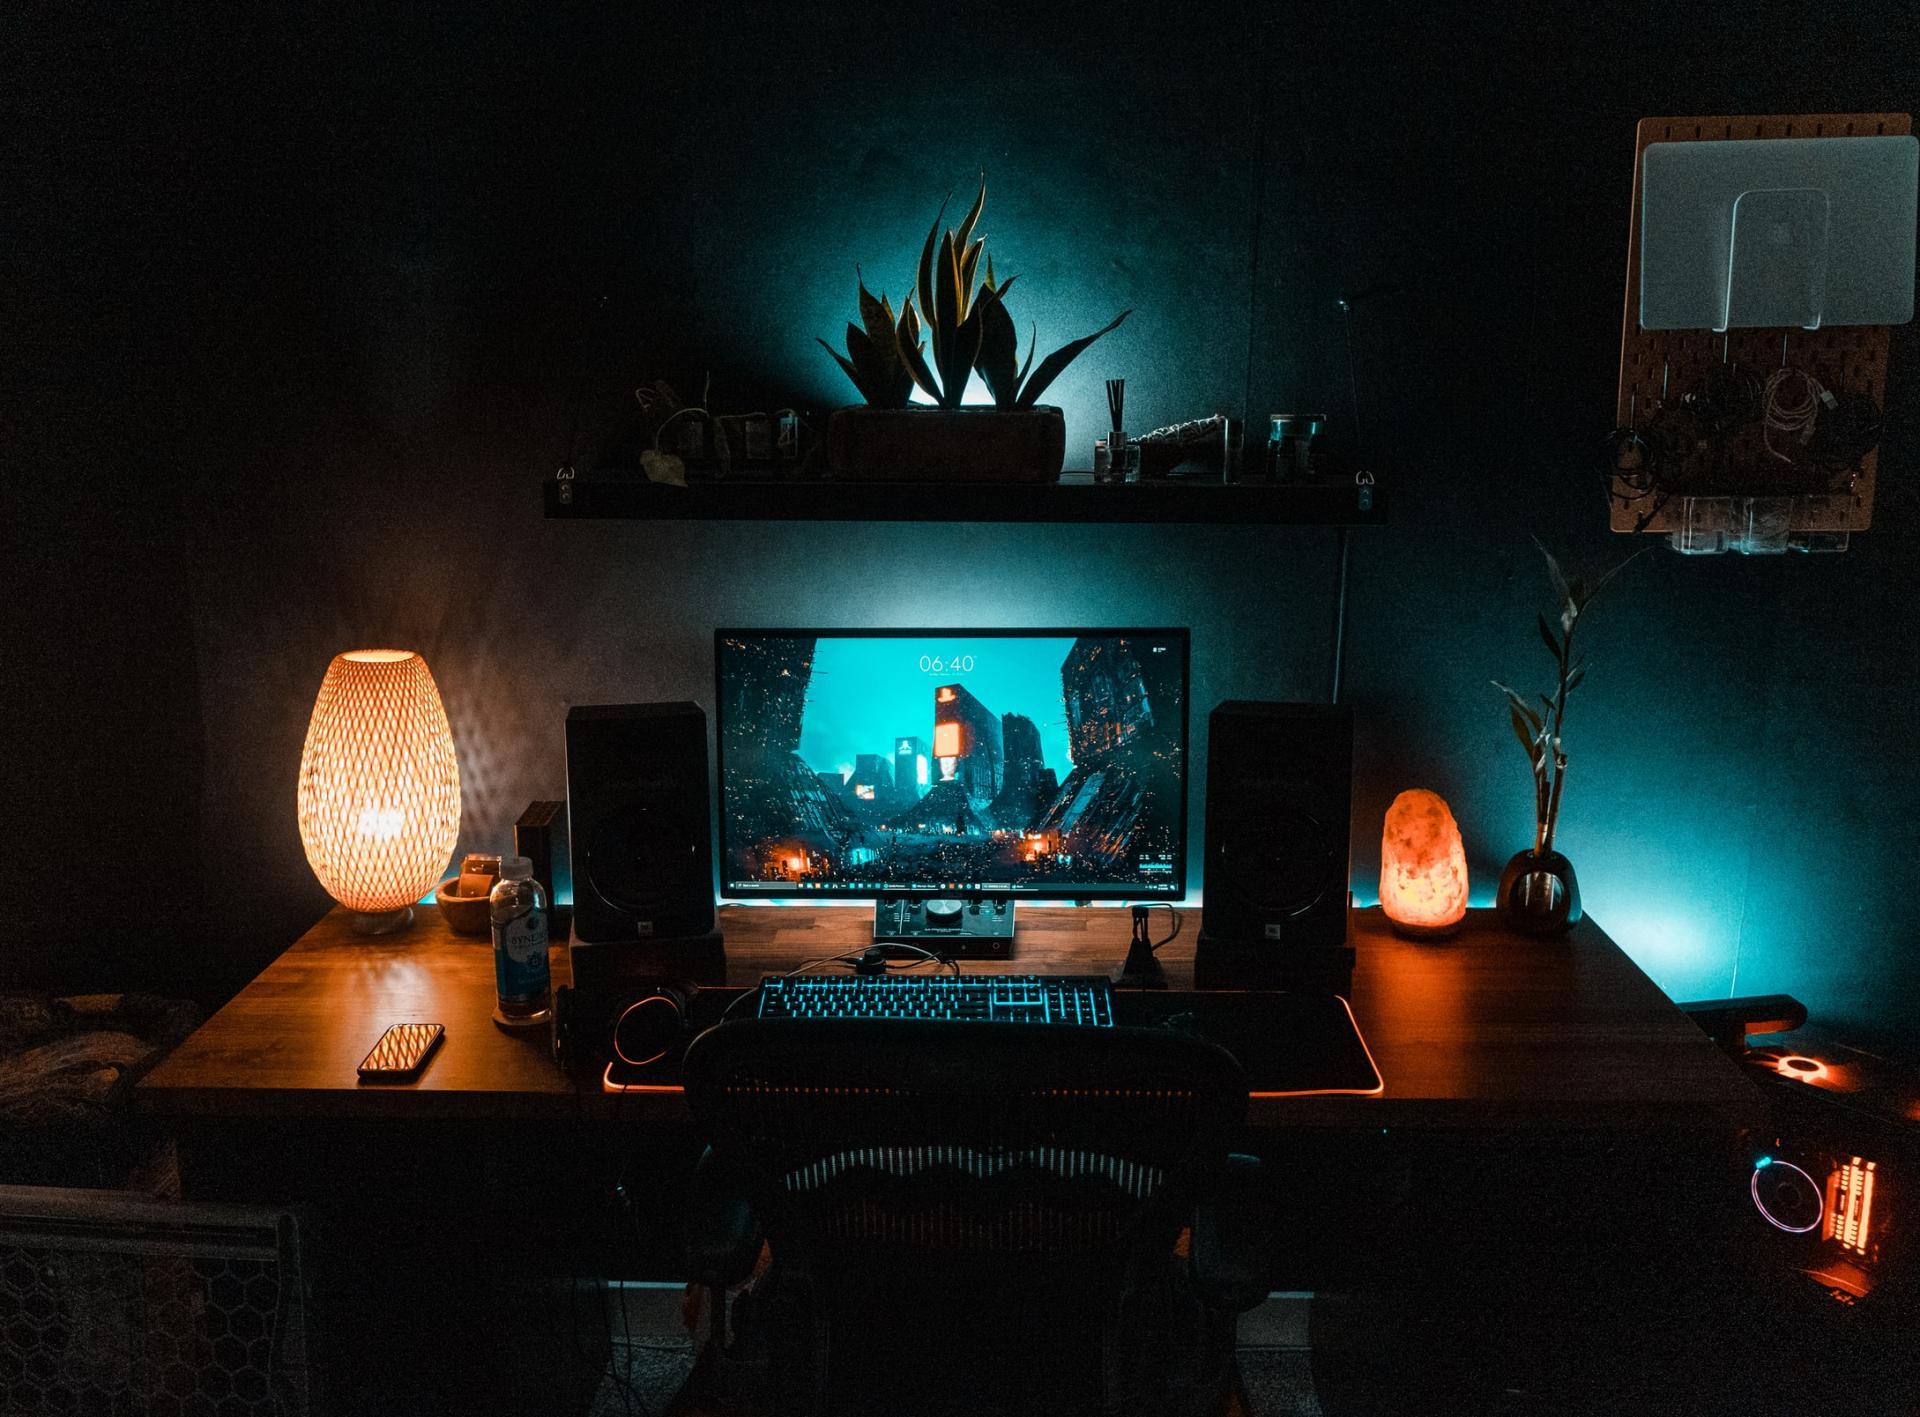 Как игратьнамаксимальных настройках даже настаром компьютере